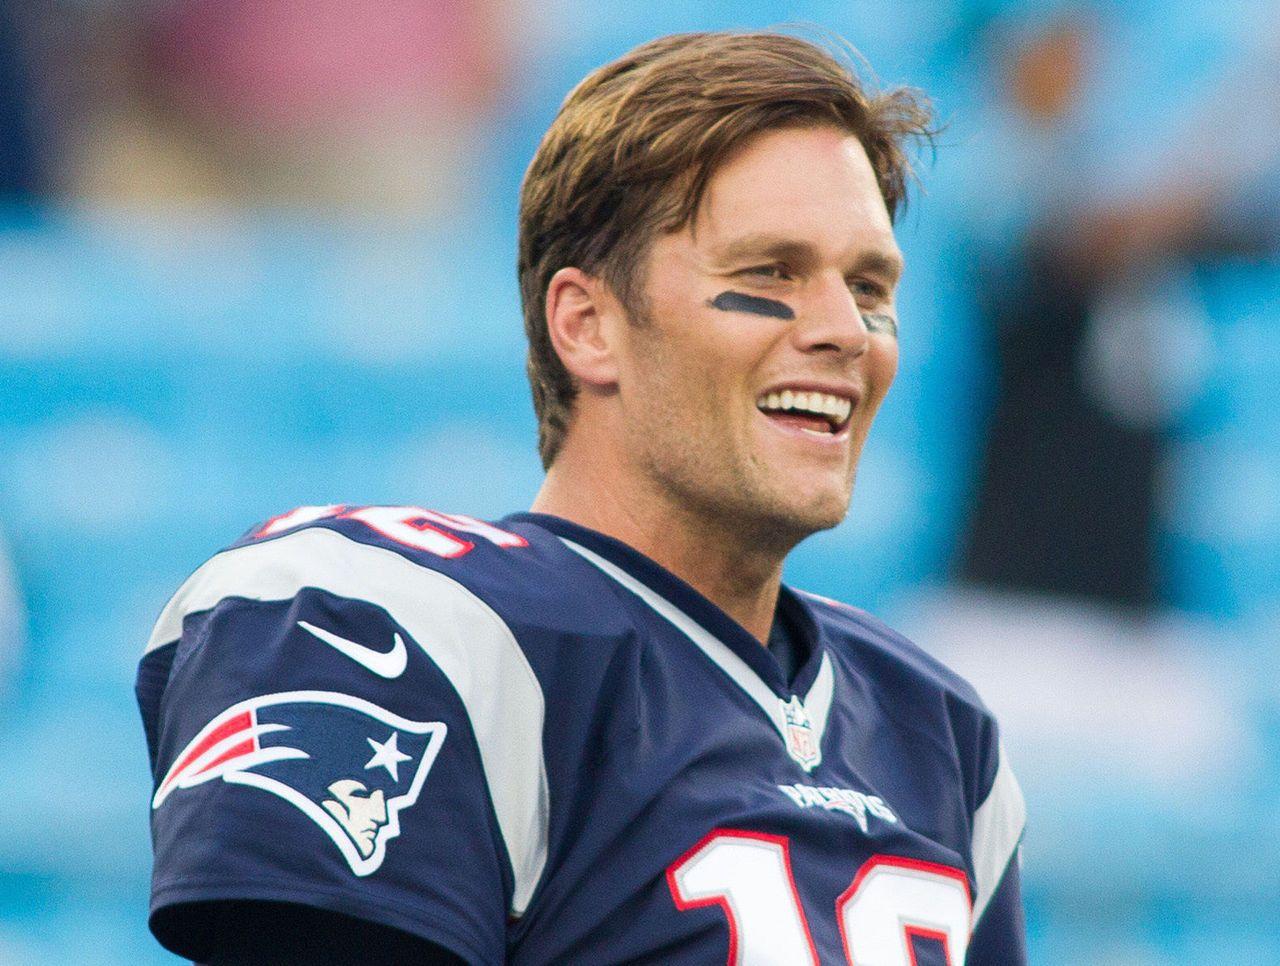 Watch Brady Makes Fun Of Deflategate In Foot Locker Ad Thescore Com Tom Brady Tom Brady News Tom Brady Michigan